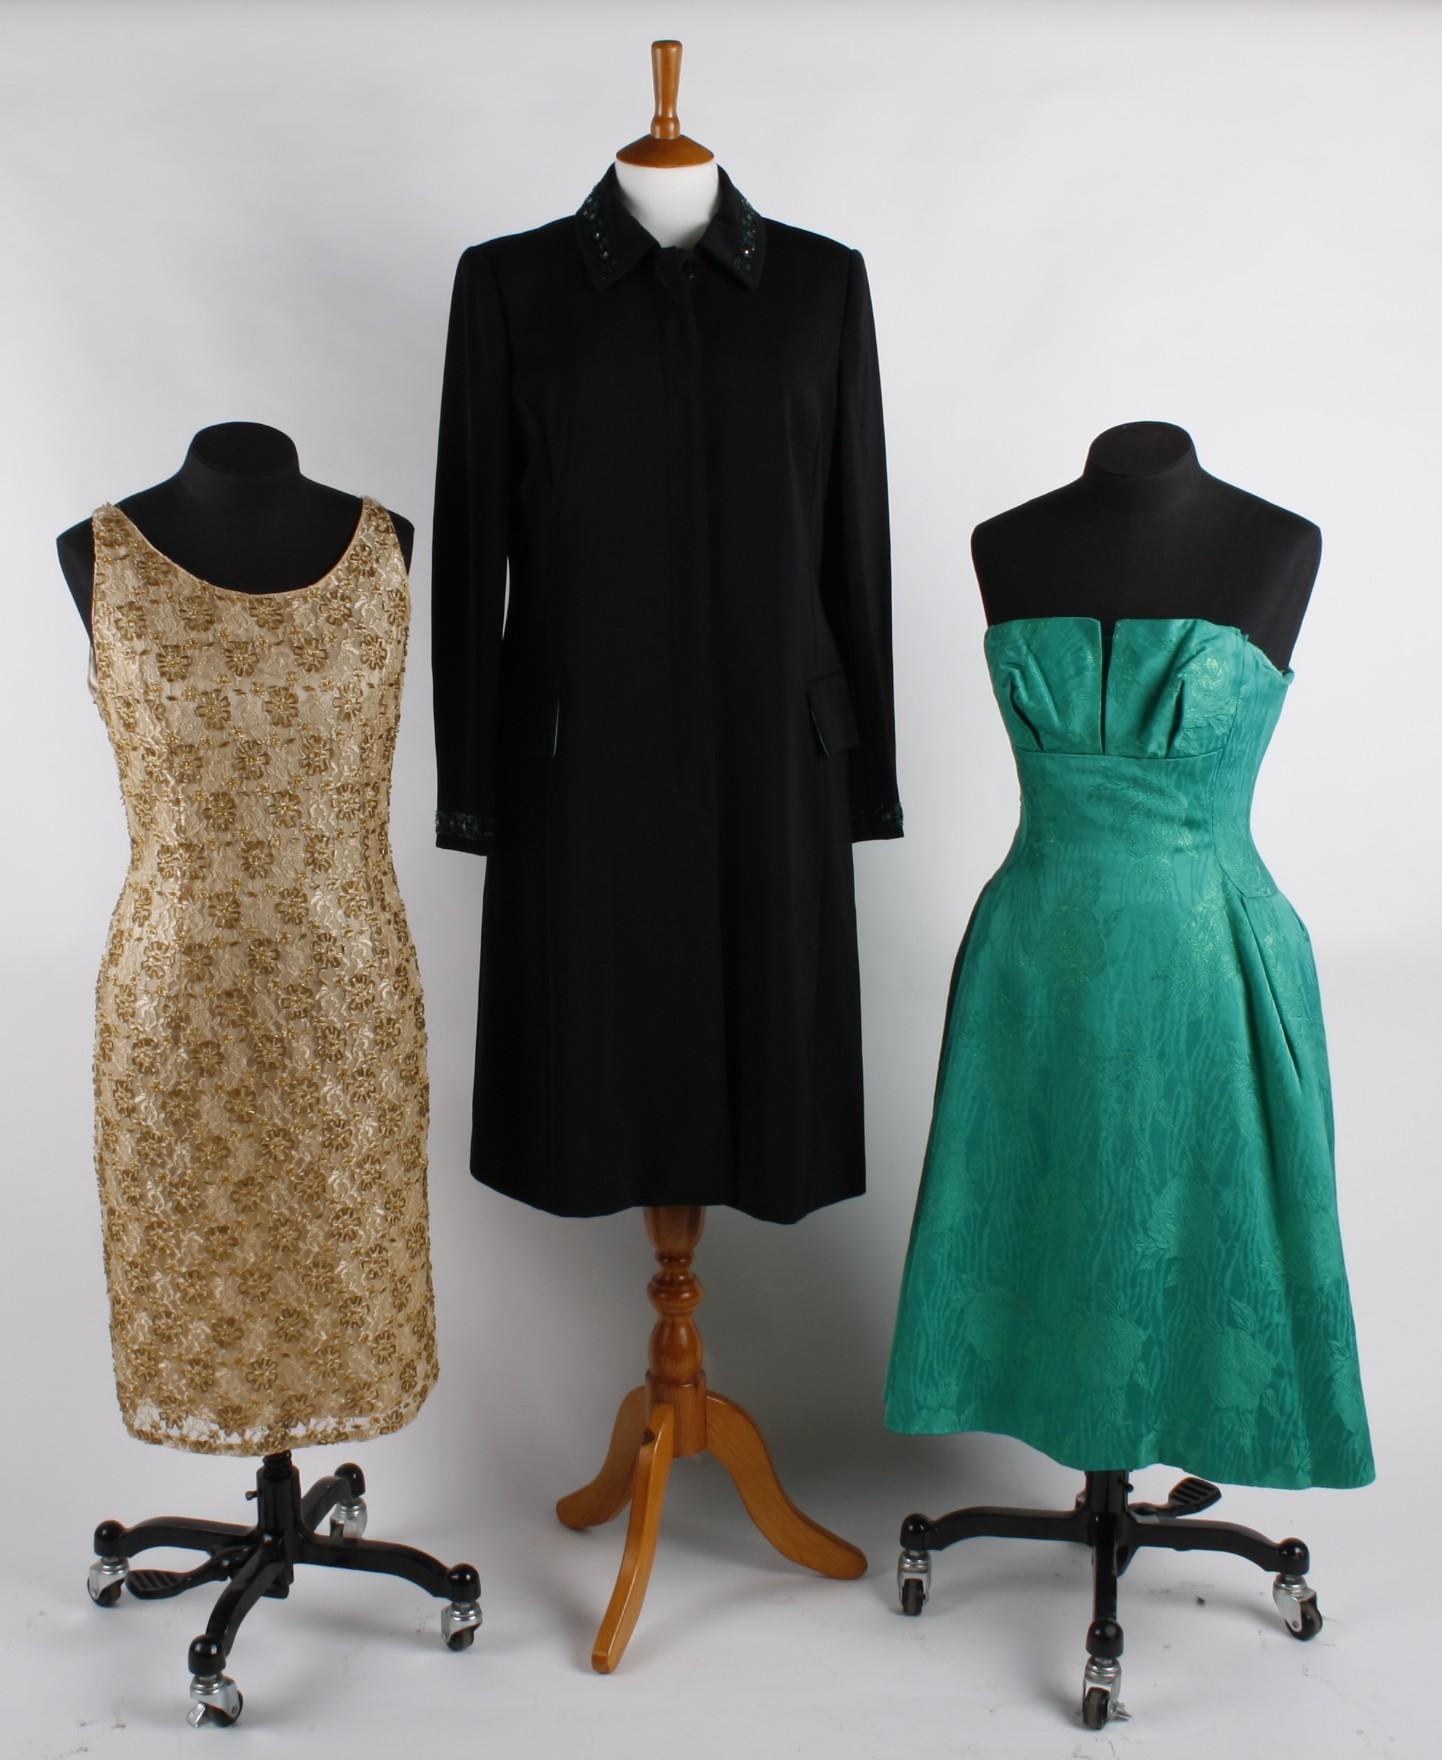 Lot 144 - An emerald green short brocade prom dress  a Nicholas Millington  evening coat 6f3e153fd